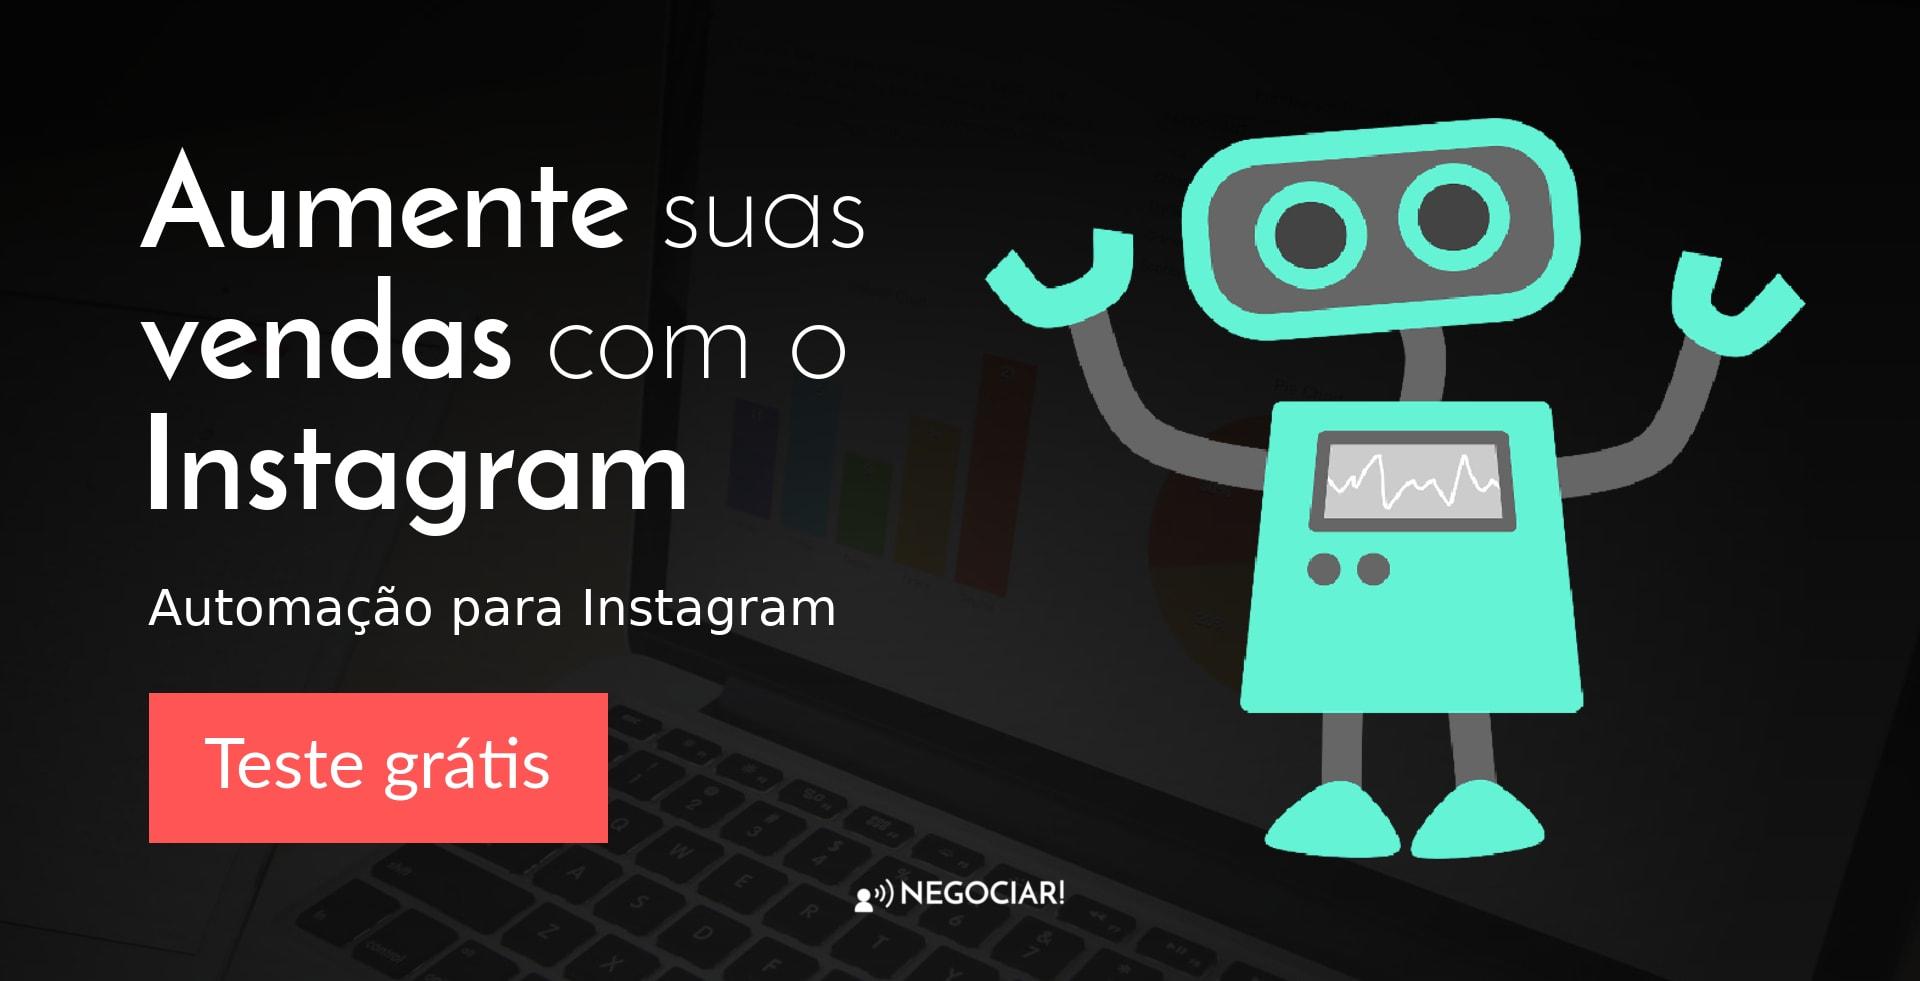 Testar Automação para Instagram Grátis